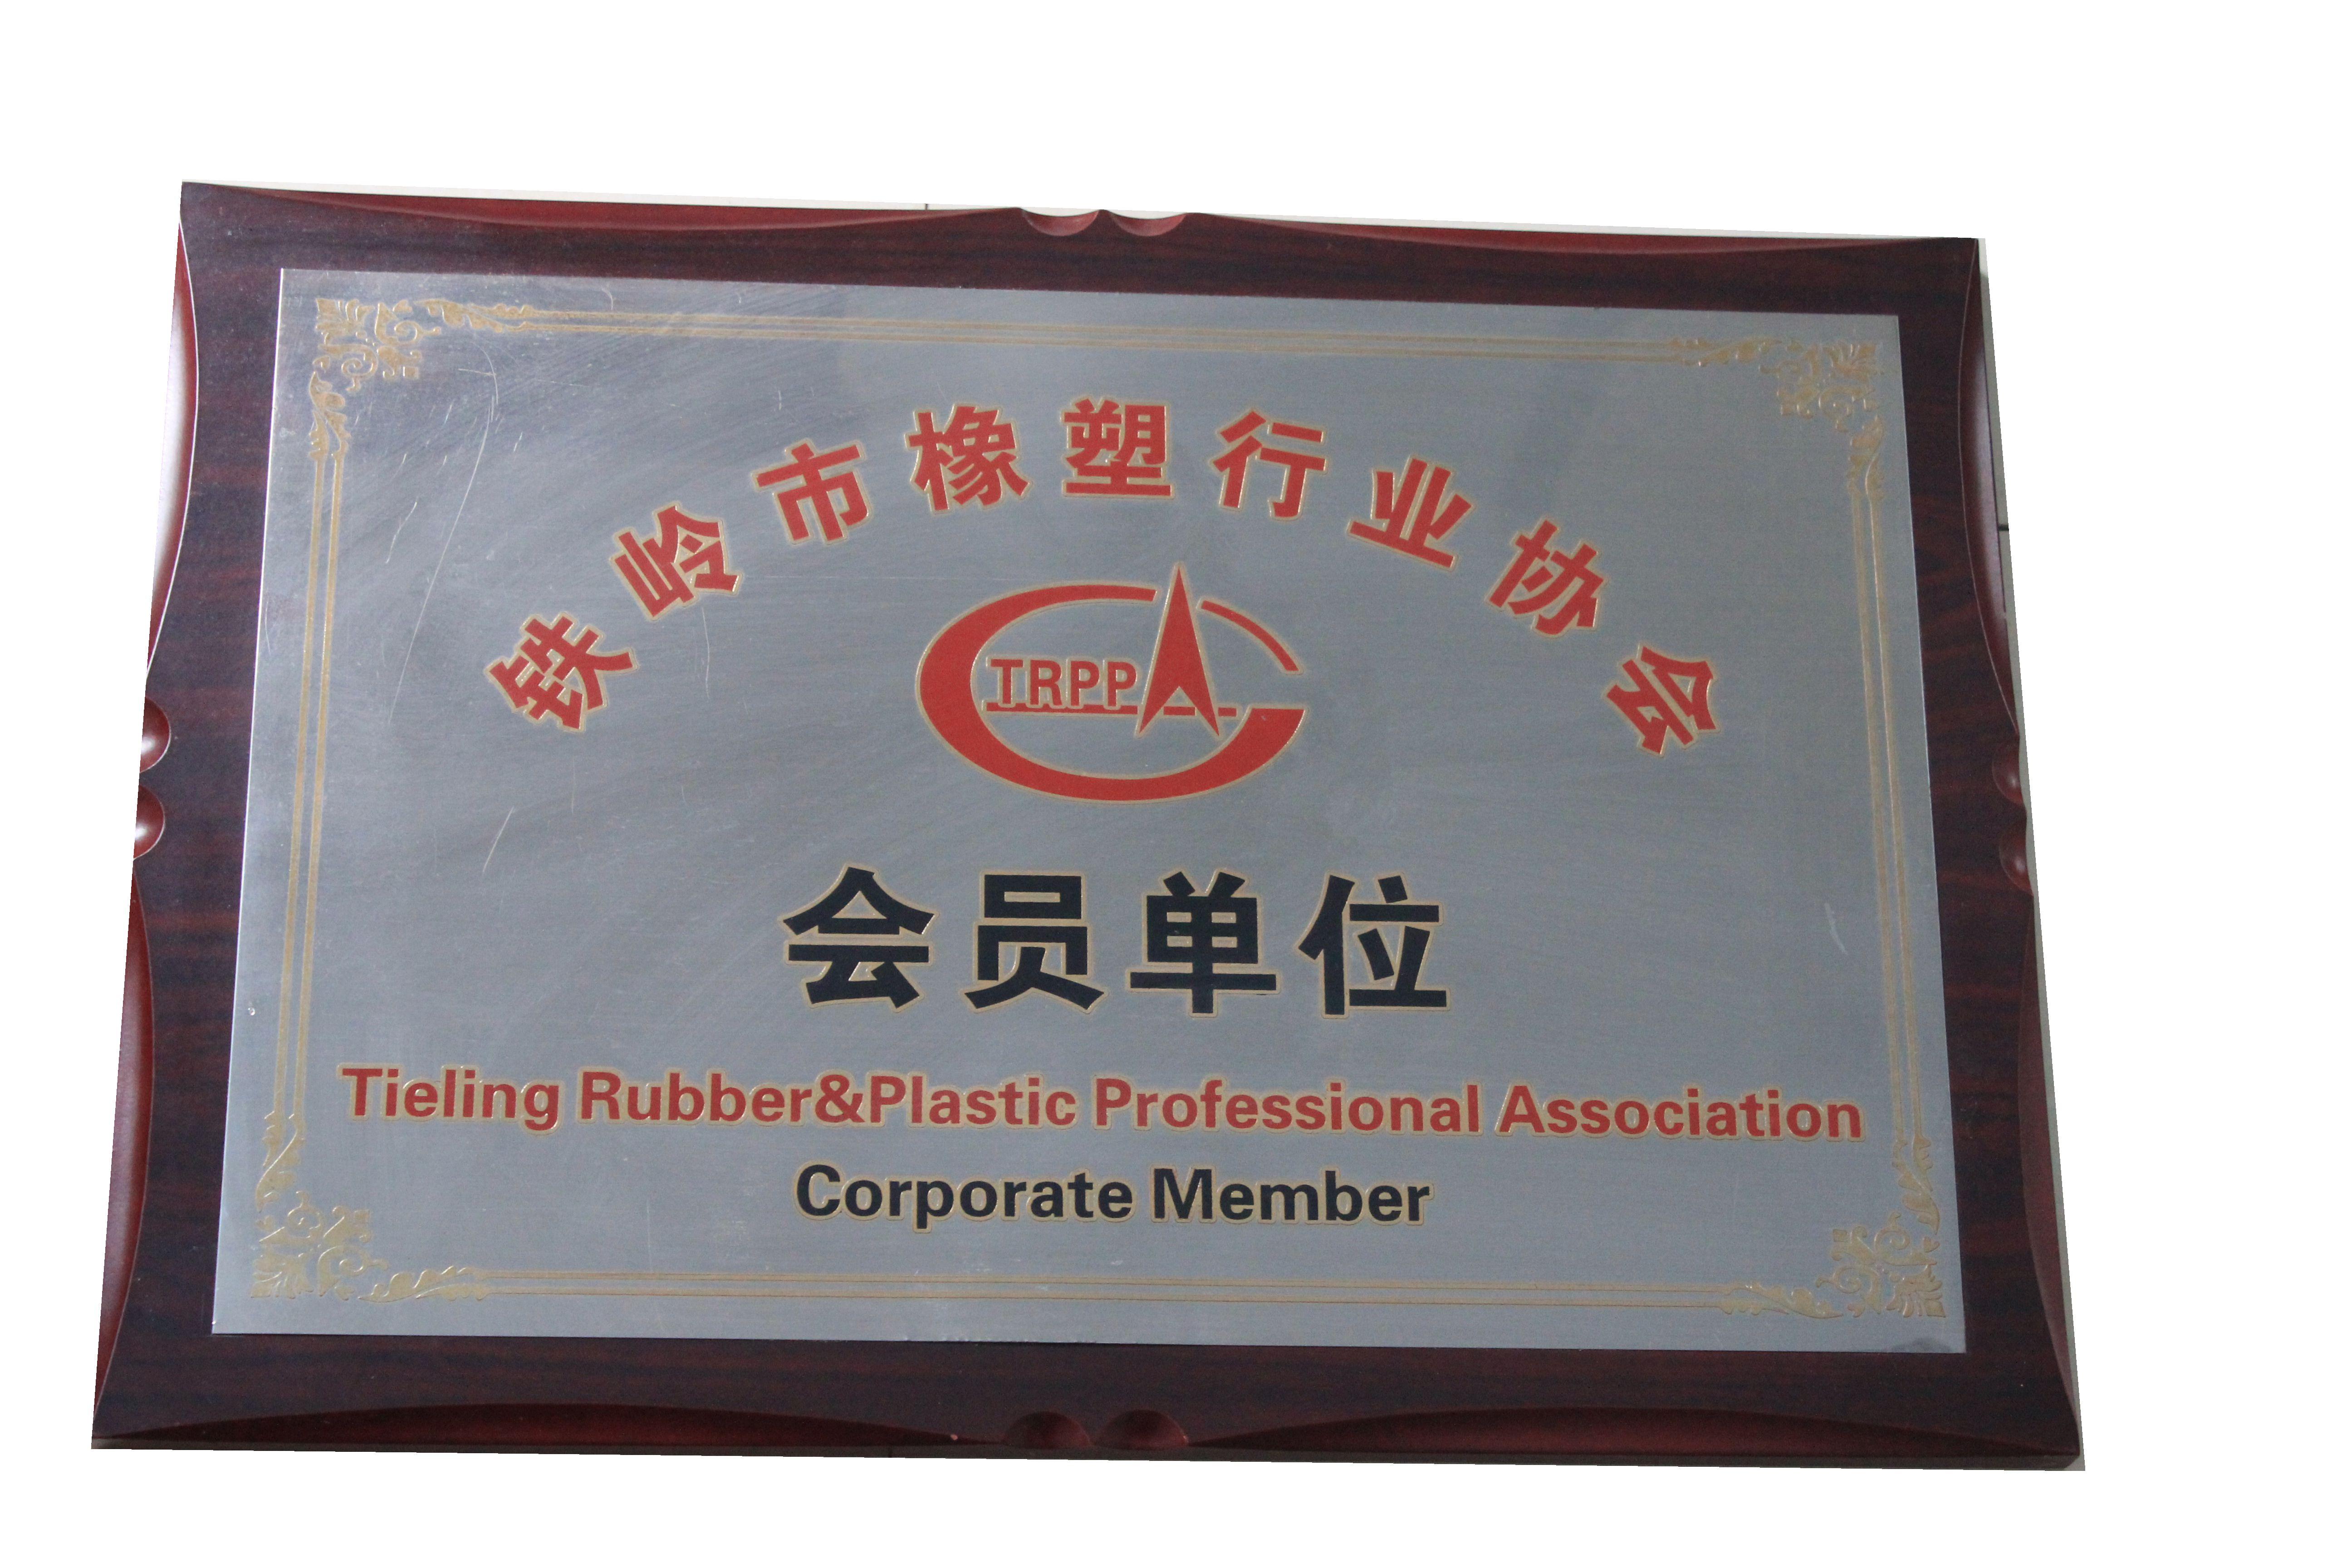 铁岭市橡胶行业协会